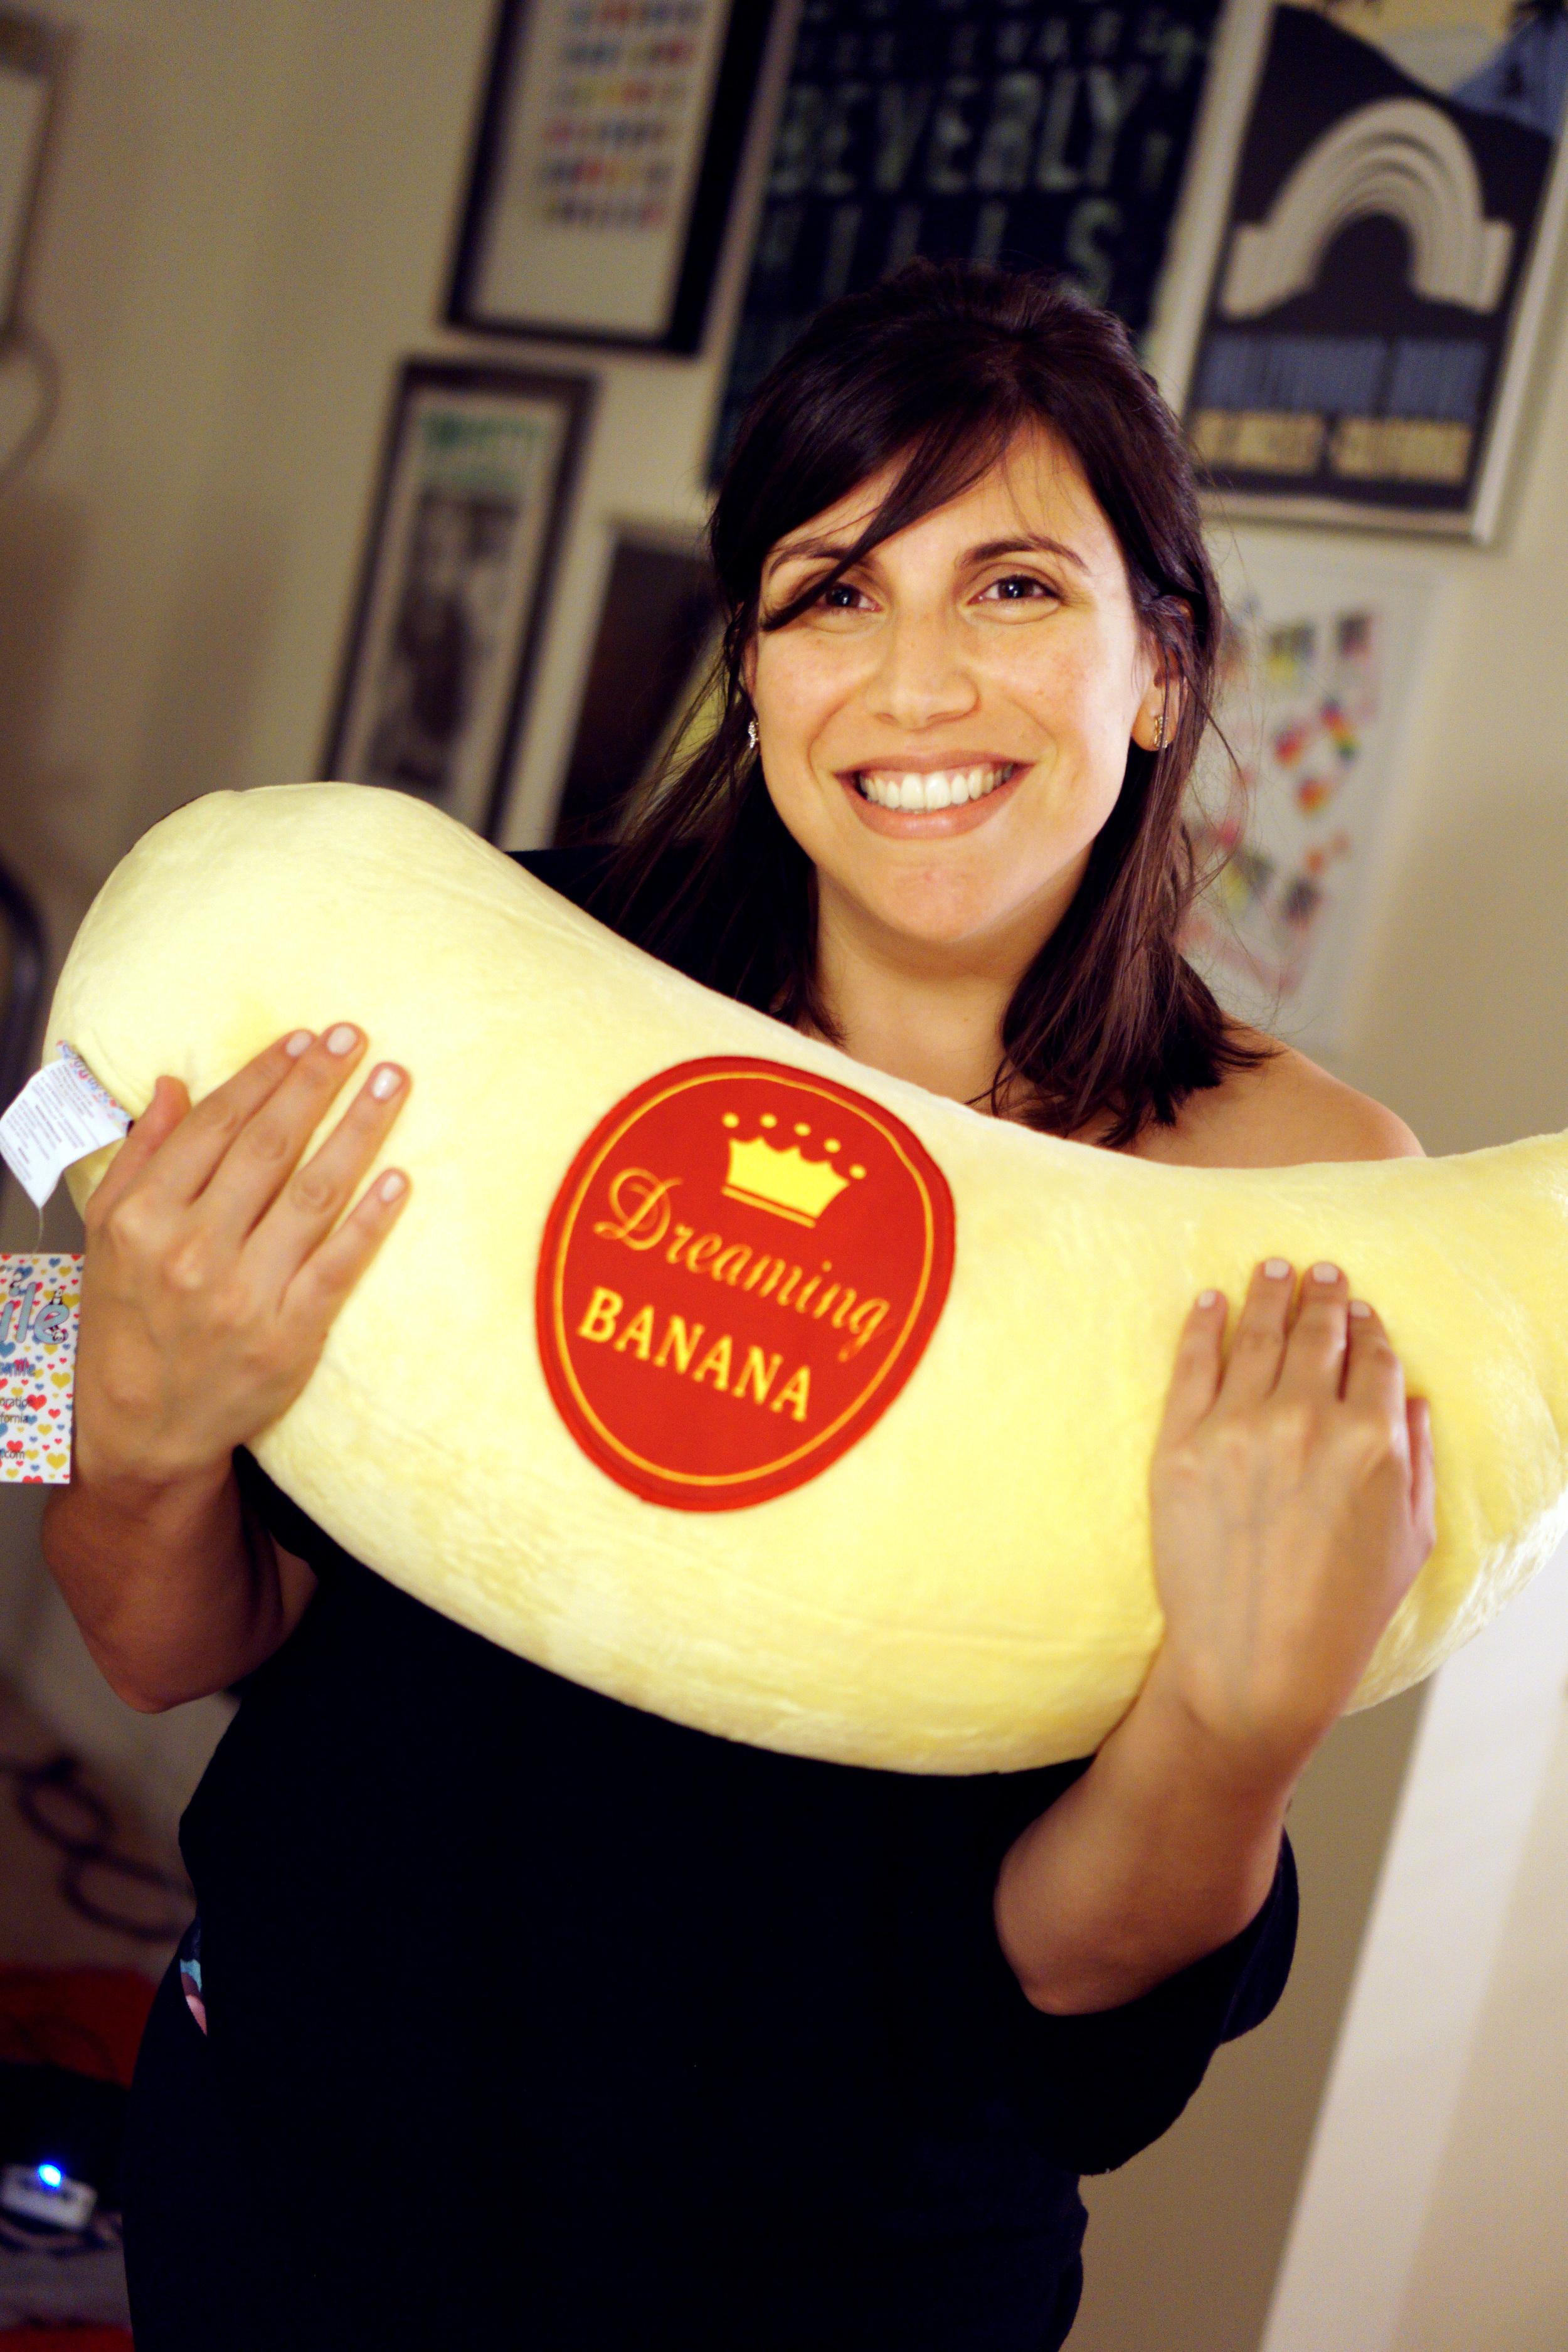 DSC00537 Rachel and the Dream Banana.JPG